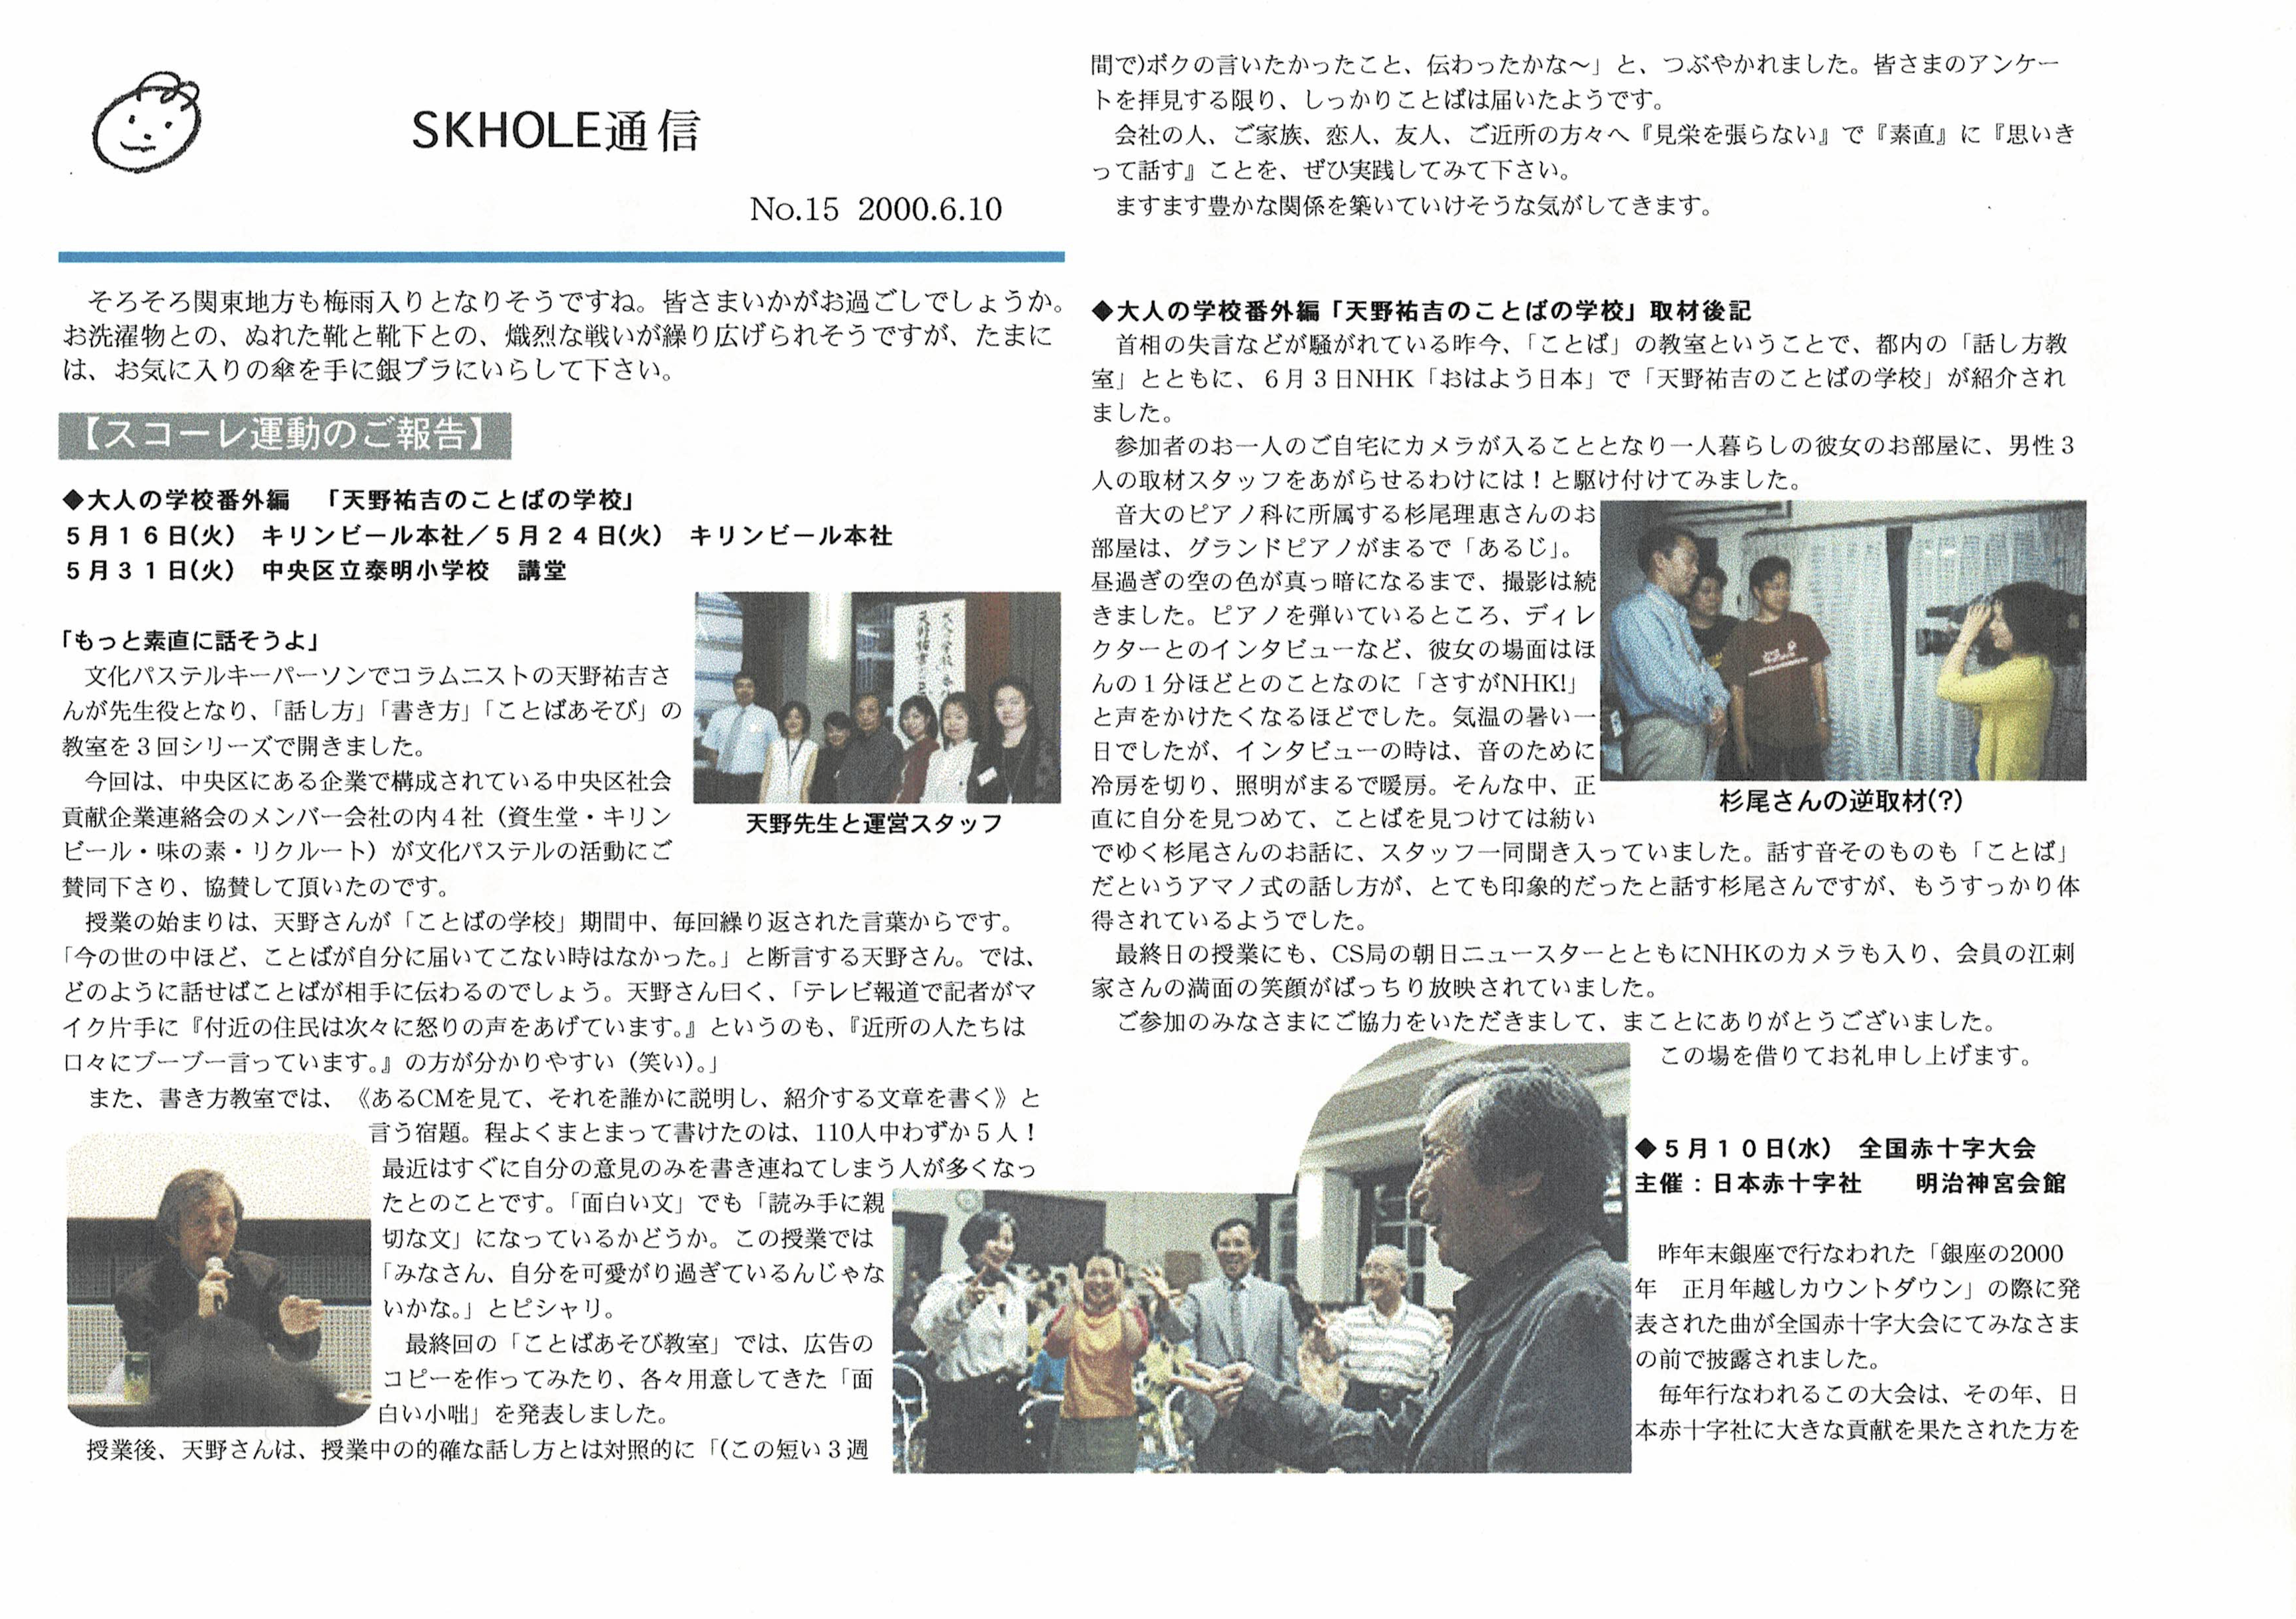 2000年_全国赤十字大会_スコーレ通信No.15